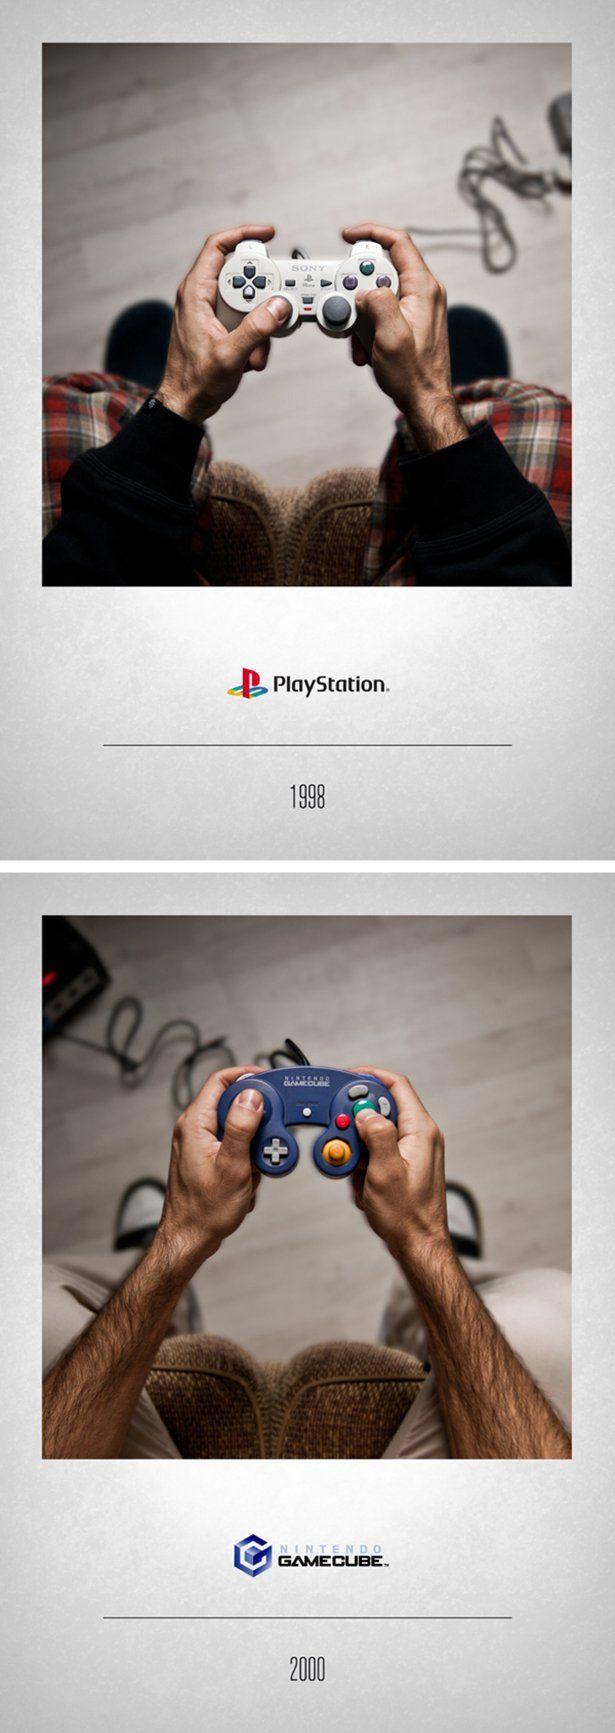 Эволюция джойстиков игровых консолей (11 фото)